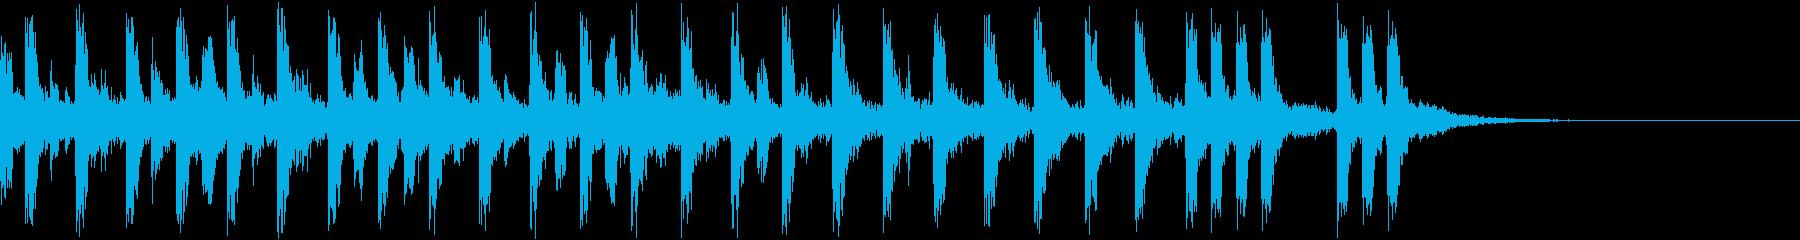 間の抜けた日常を演出する弦楽ピチカートの再生済みの波形